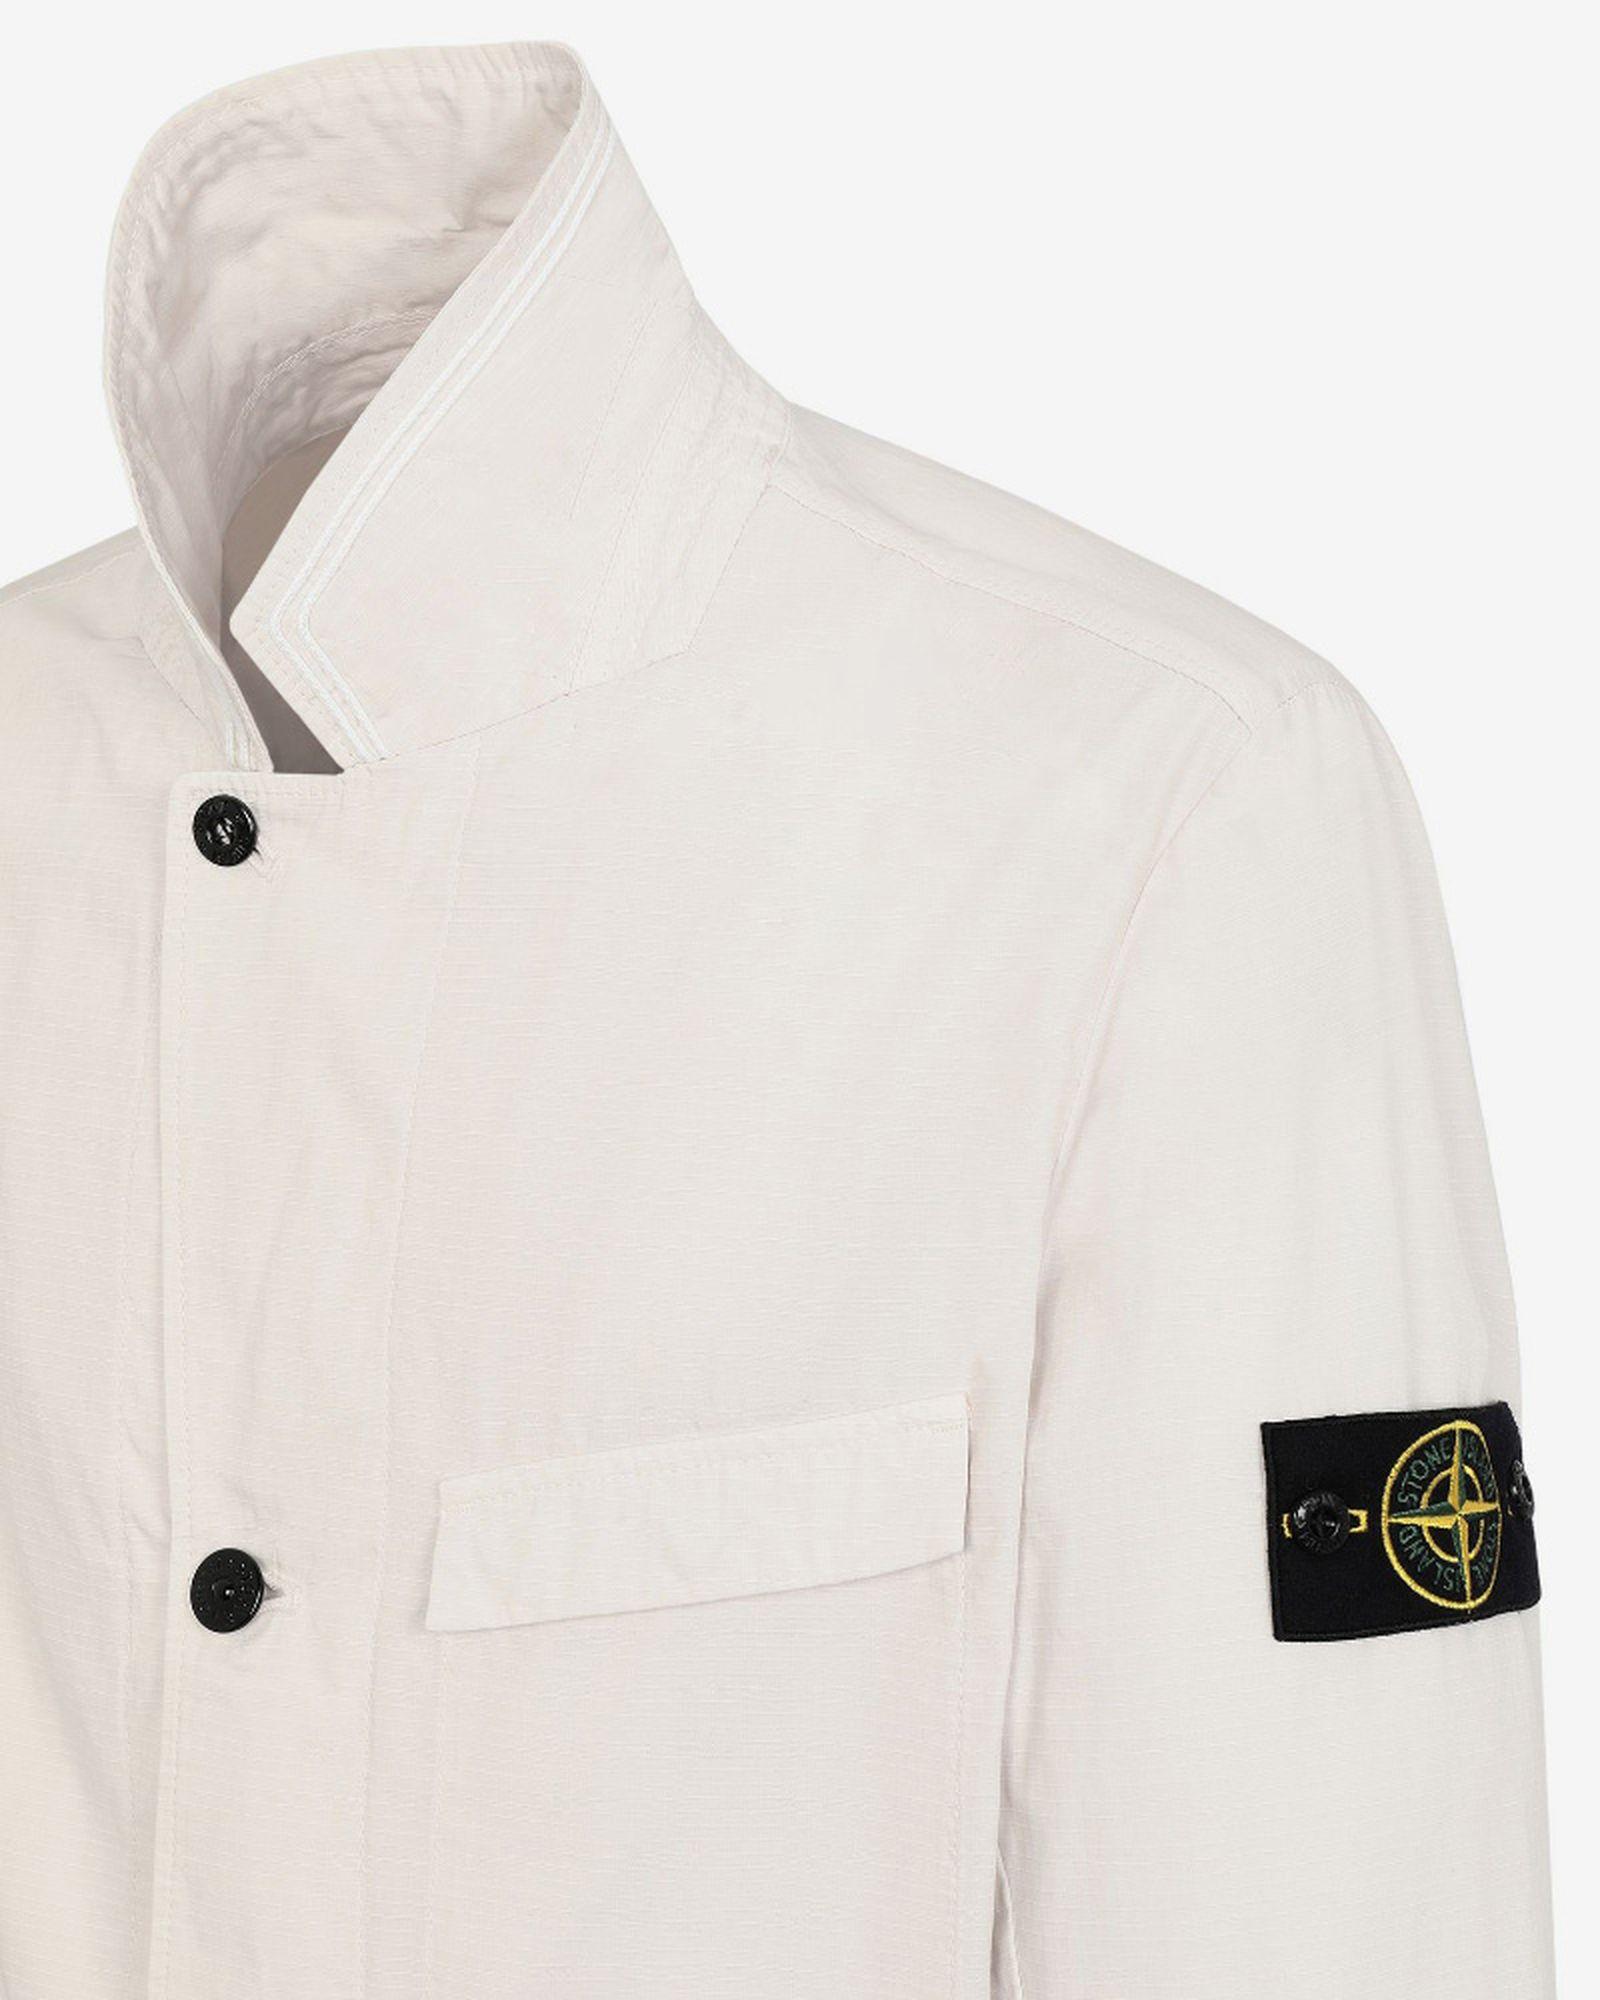 2stone island structured cotton blazer